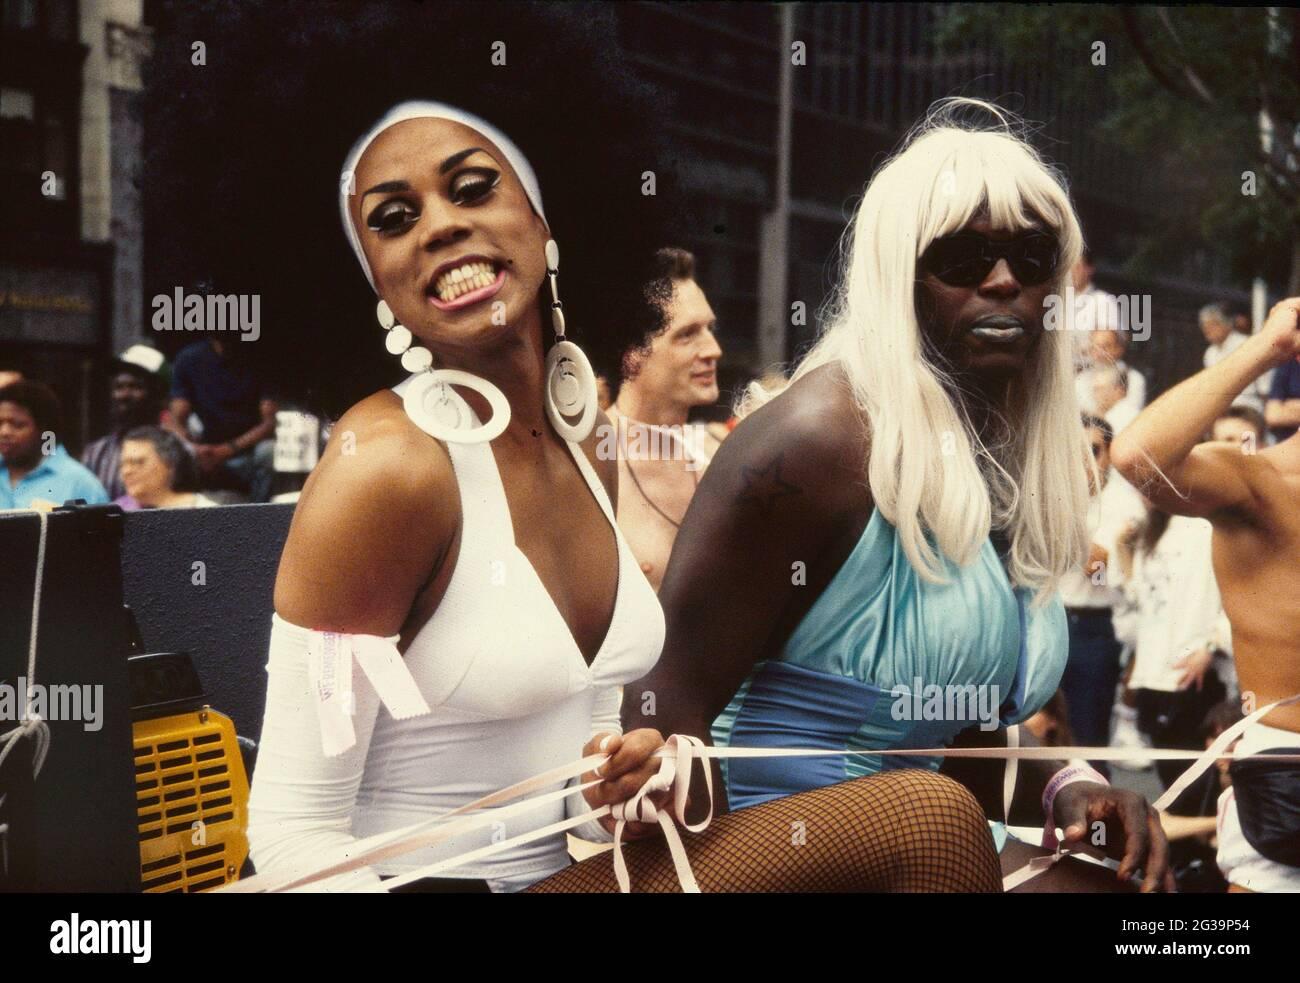 RuPaul dans la 22e Marche annuelle de la fierté gay de New York le 30 juin 1991. Crédit photo : Henry McGee/MediaPunch Banque D'Images